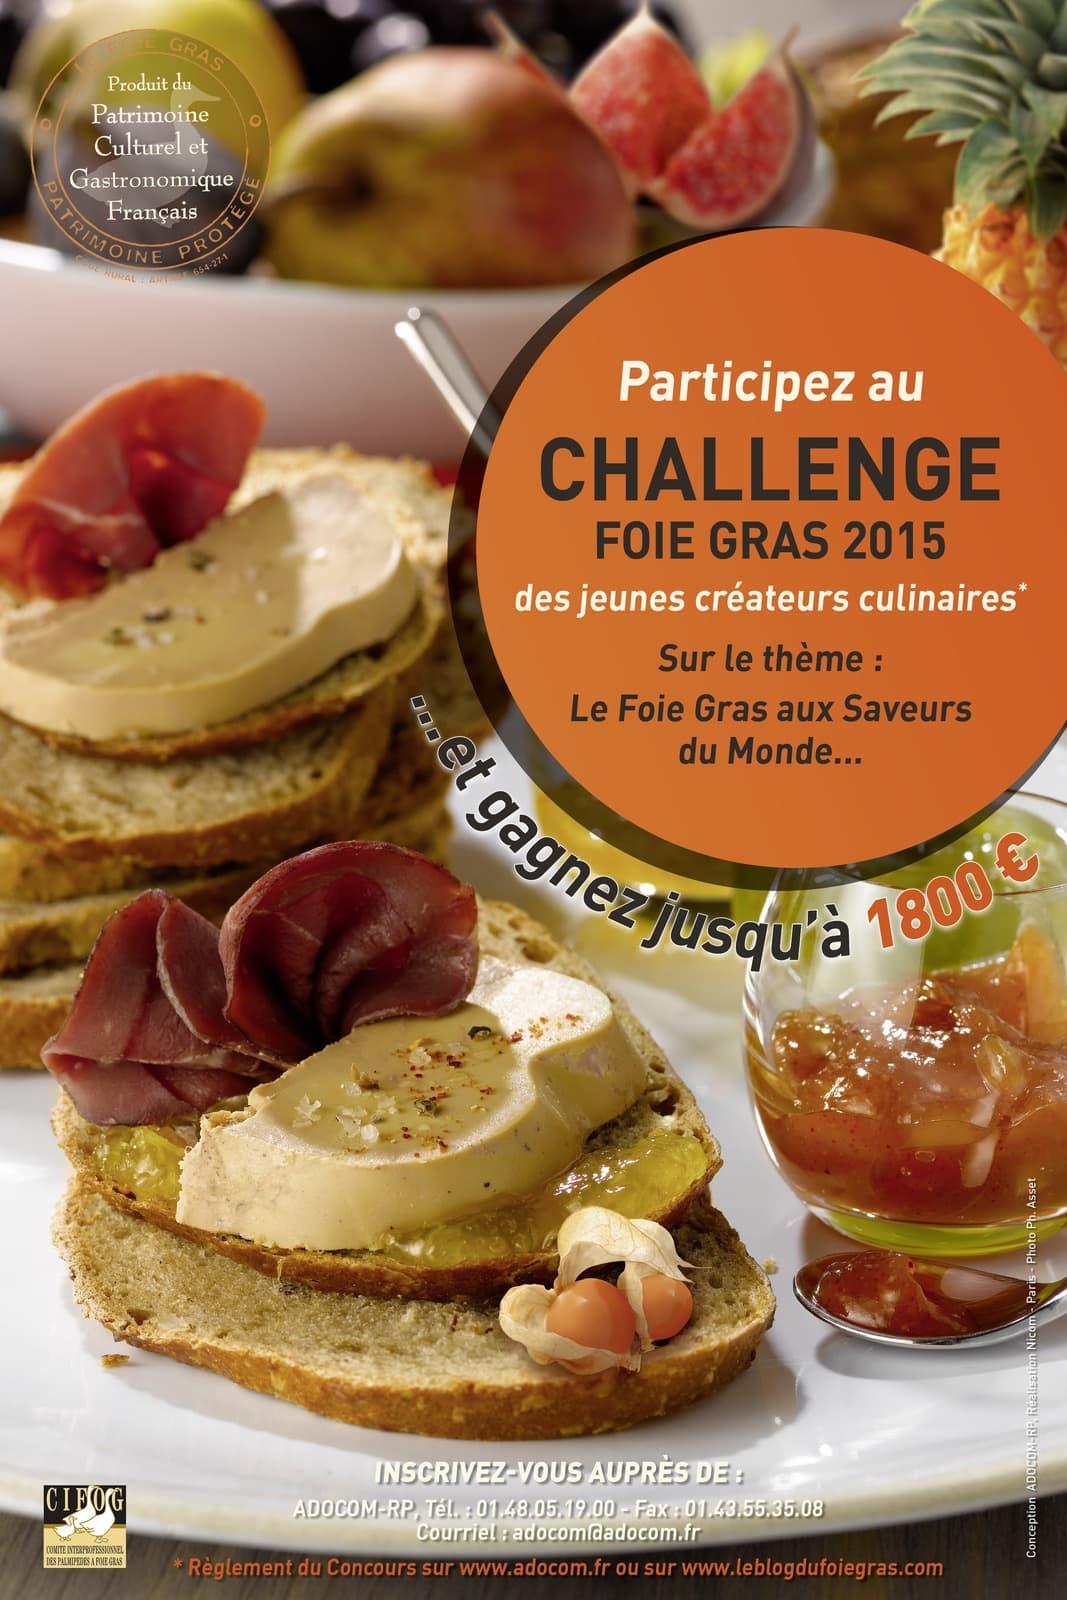 Lancement de la 11ème édition du « Challenge Foie Gras 2015 des Jeunes Créateurs Culinaires »